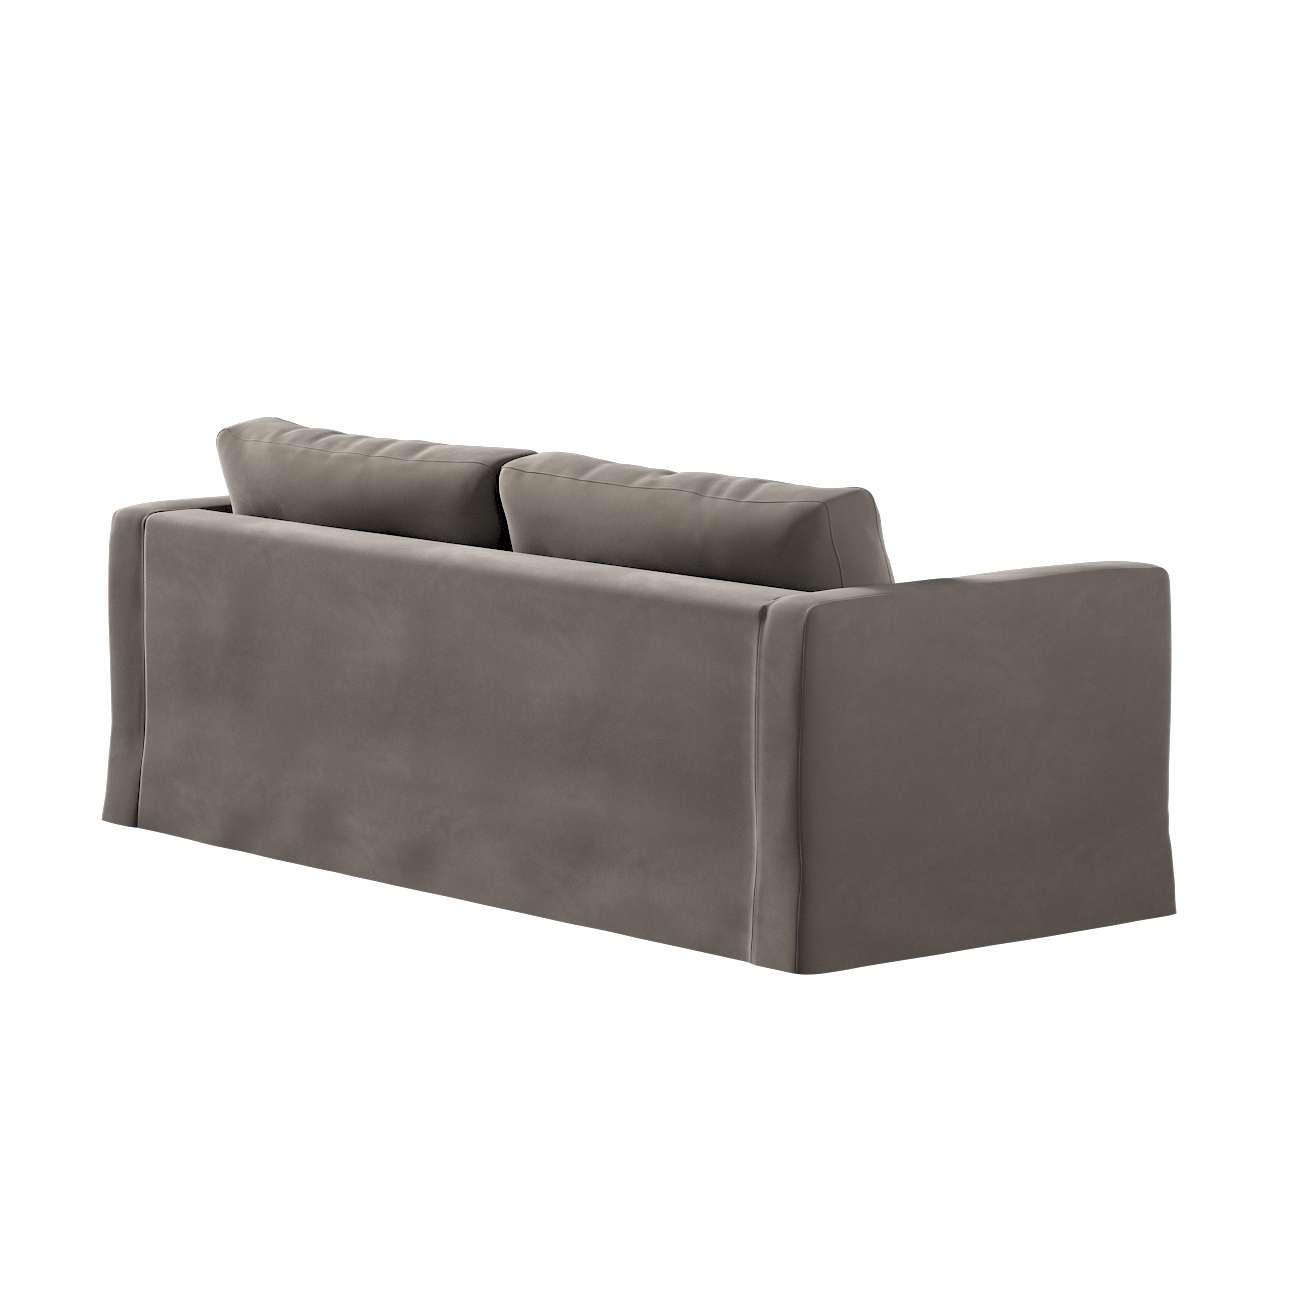 Karlstad klädsel 3-pers. soffa -  lång - 204cm i kollektionen Velvet, Tyg: 704-19